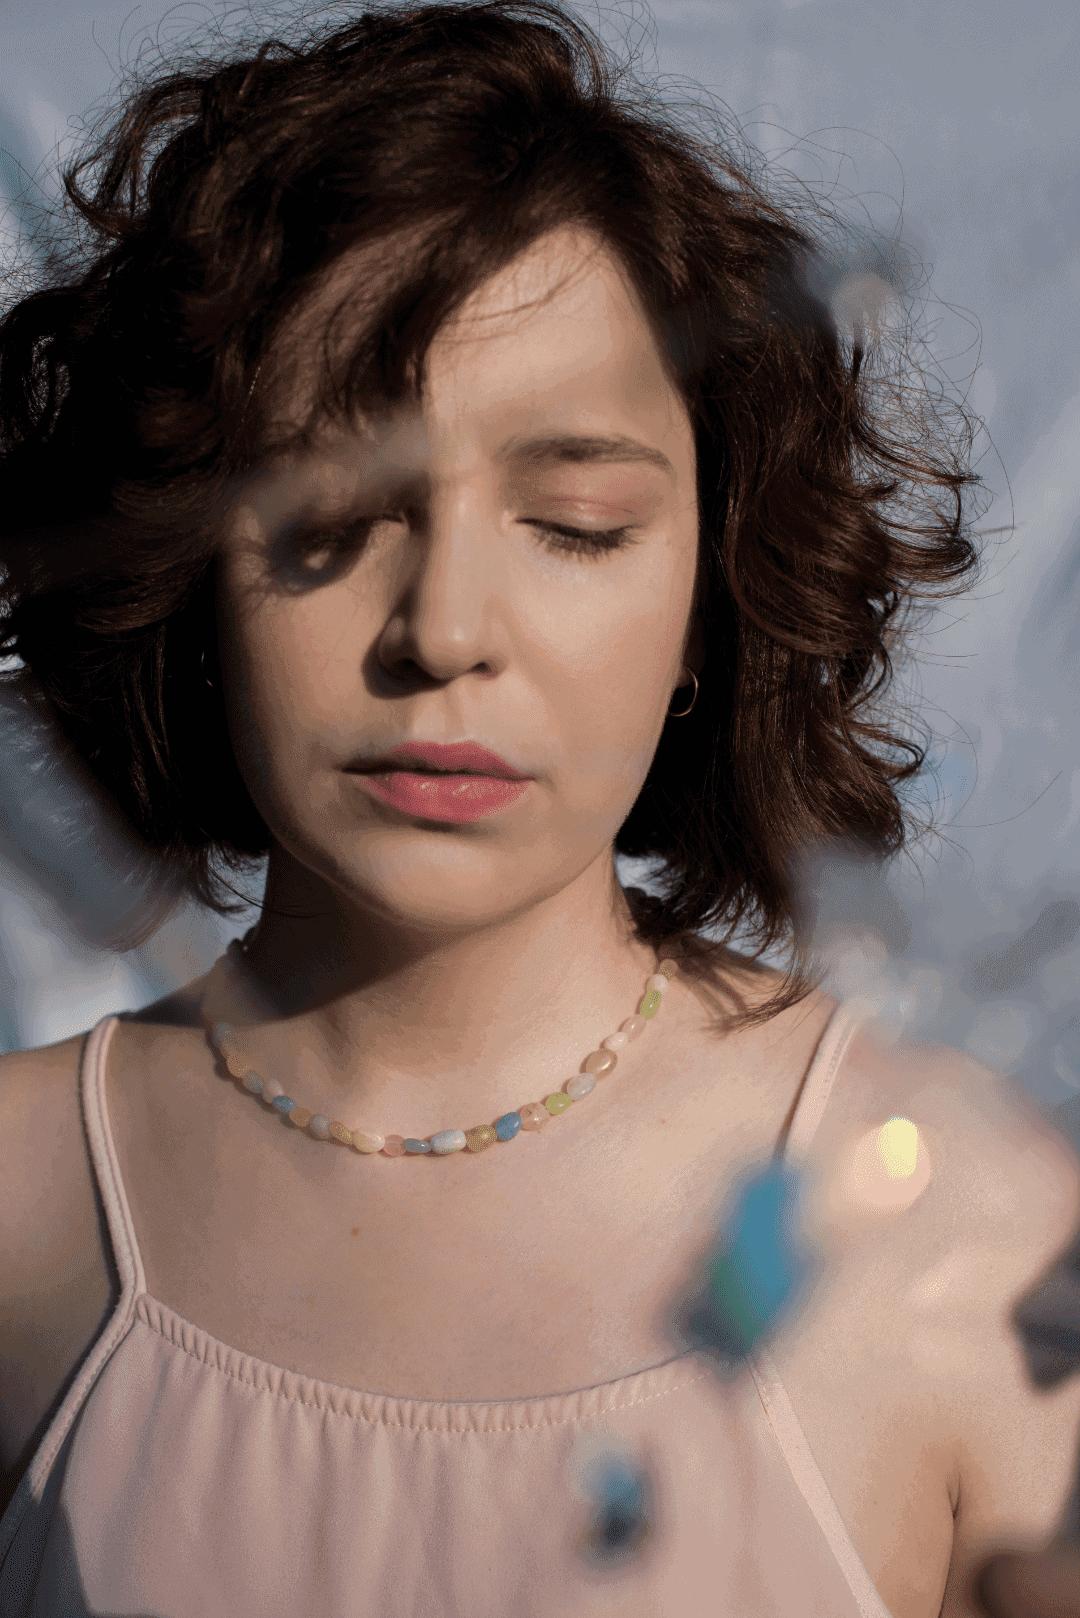 Modelka prezentuje na sobie naszyjnik z kolorowych kamieni: naturalnych morganitów.